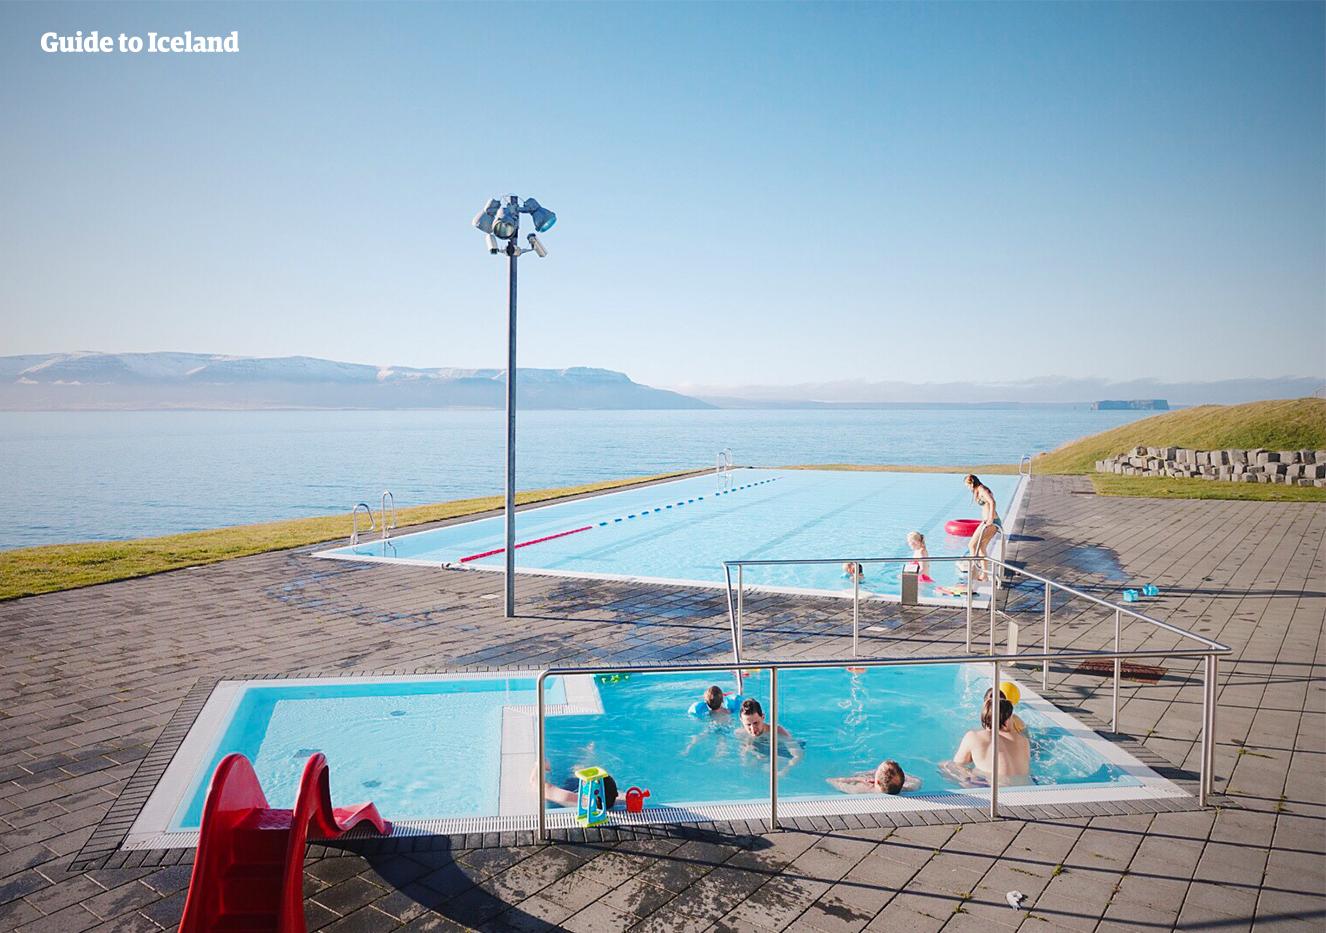 호프소스 마을의 지열 수영장